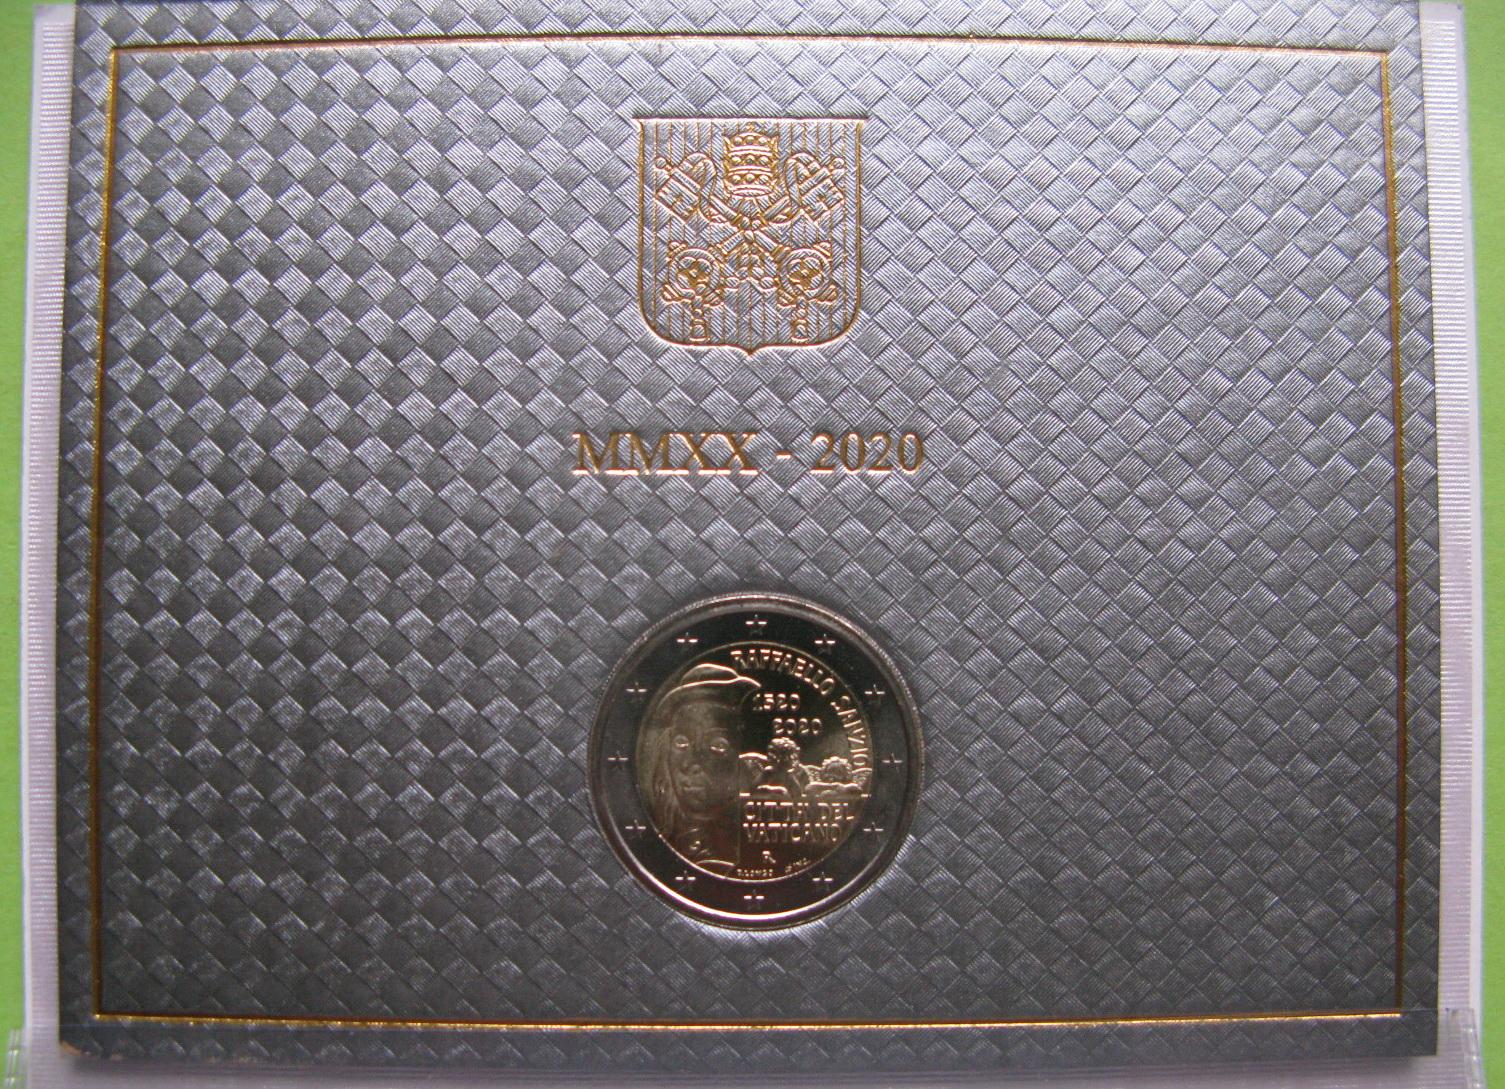 Ватикан 2 евро 2020 г.500 лет со дня смерти художника Рафаэля